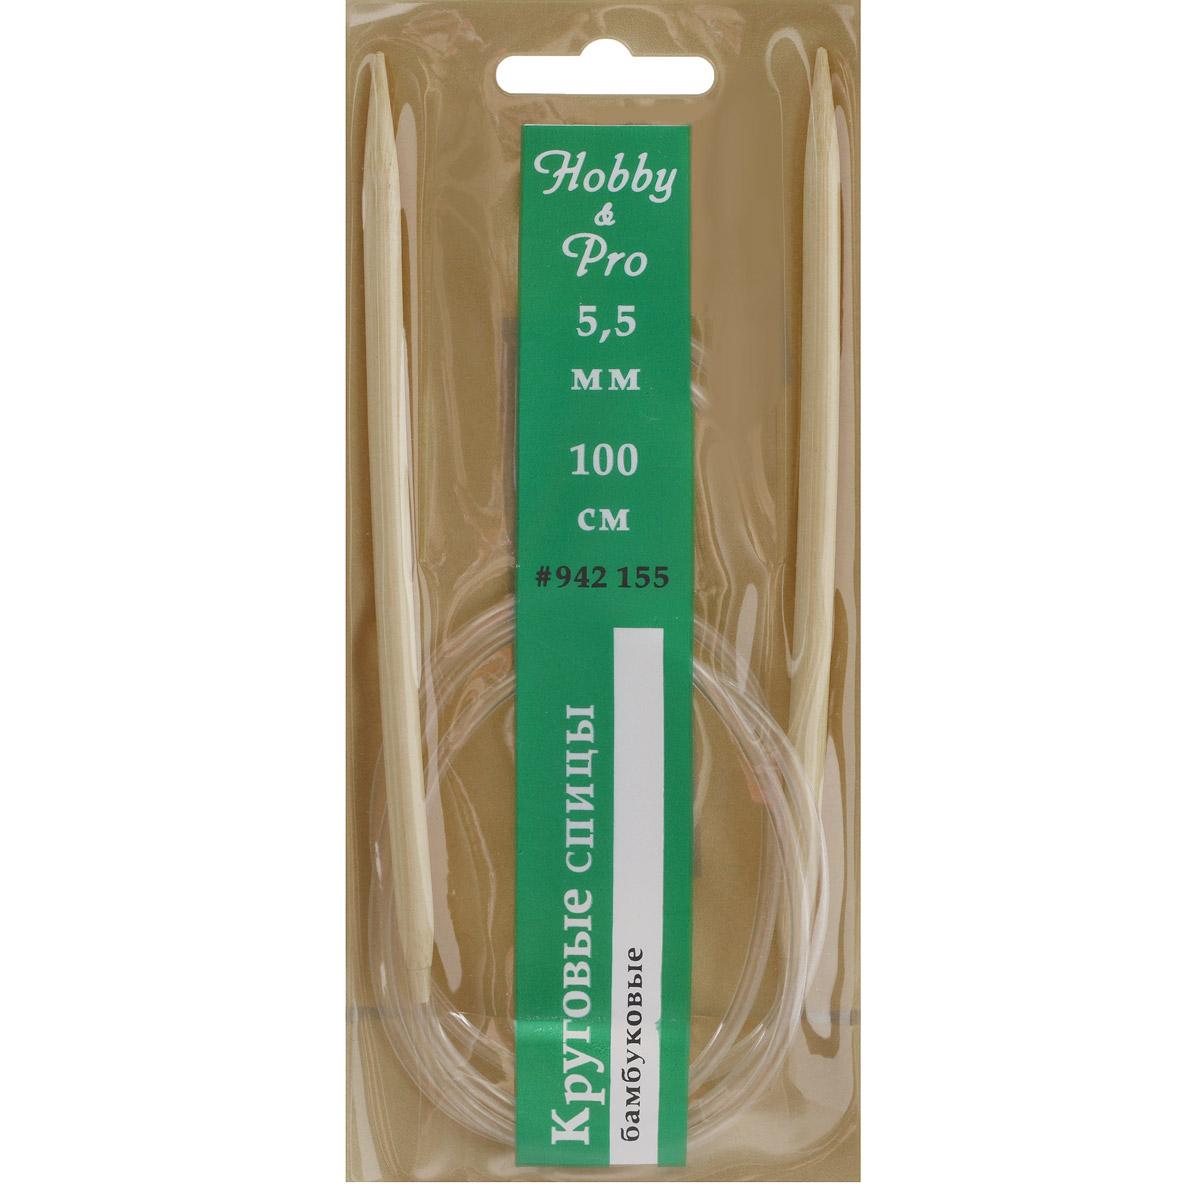 Спицы Hobby & Pro, бамбуковые, круговые, диаметр 5,5 мм, длина 100 см7700984Спицы для вязания Hobby & Pro изготовлены из натурального бамбука. Кончики спиц закругленные. Спицы скреплены гибким пластиковым шнуром. Круговые спицы наиболее удобны для выполнения деталей и изделий, не имеющих швов. Короткими круговыми спицами вяжут бейки горловины, воротники-гольф, длинными спицами можно вязать по кругу целые модели. Спицы прочные, легкие, гладкие, удобные в использовании. Вы сможете вязать для себя, делать подарки друзьям. Рукоделие всегда считалось изысканным, благородным делом. Работа, сделанная своими руками, долго будет радовать вас и ваших близких.